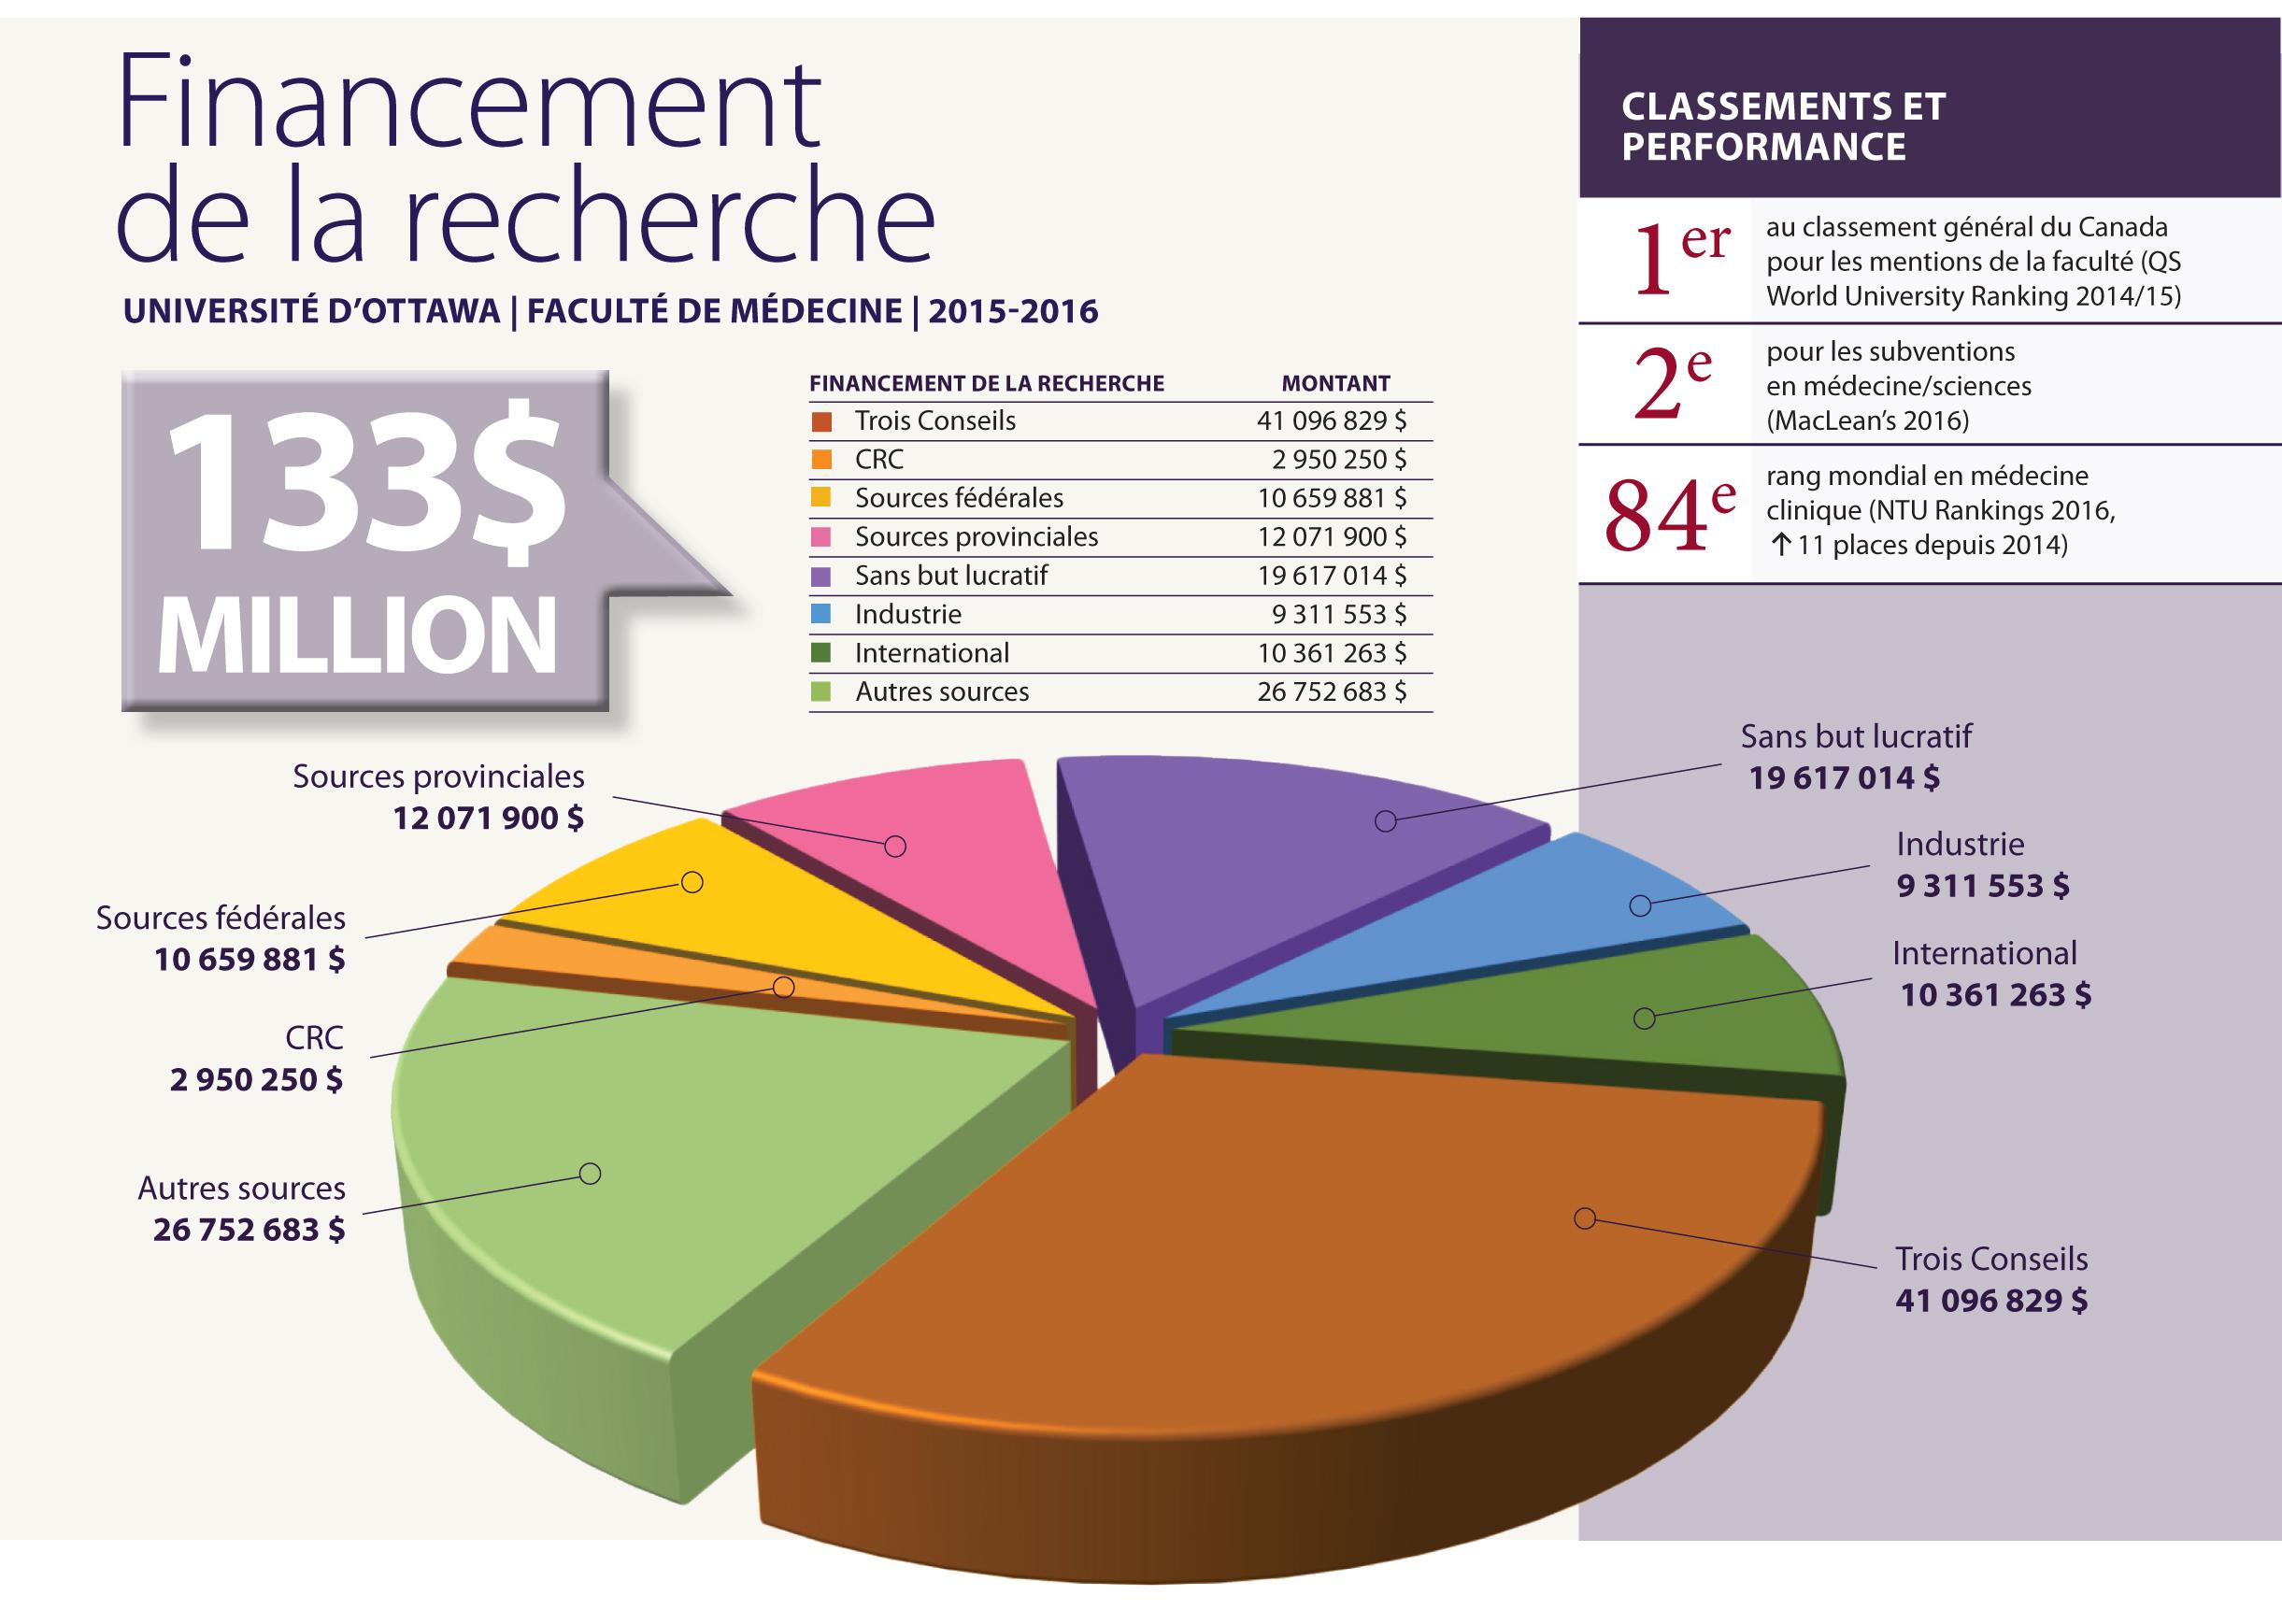 Graphique du financement 2015-2016